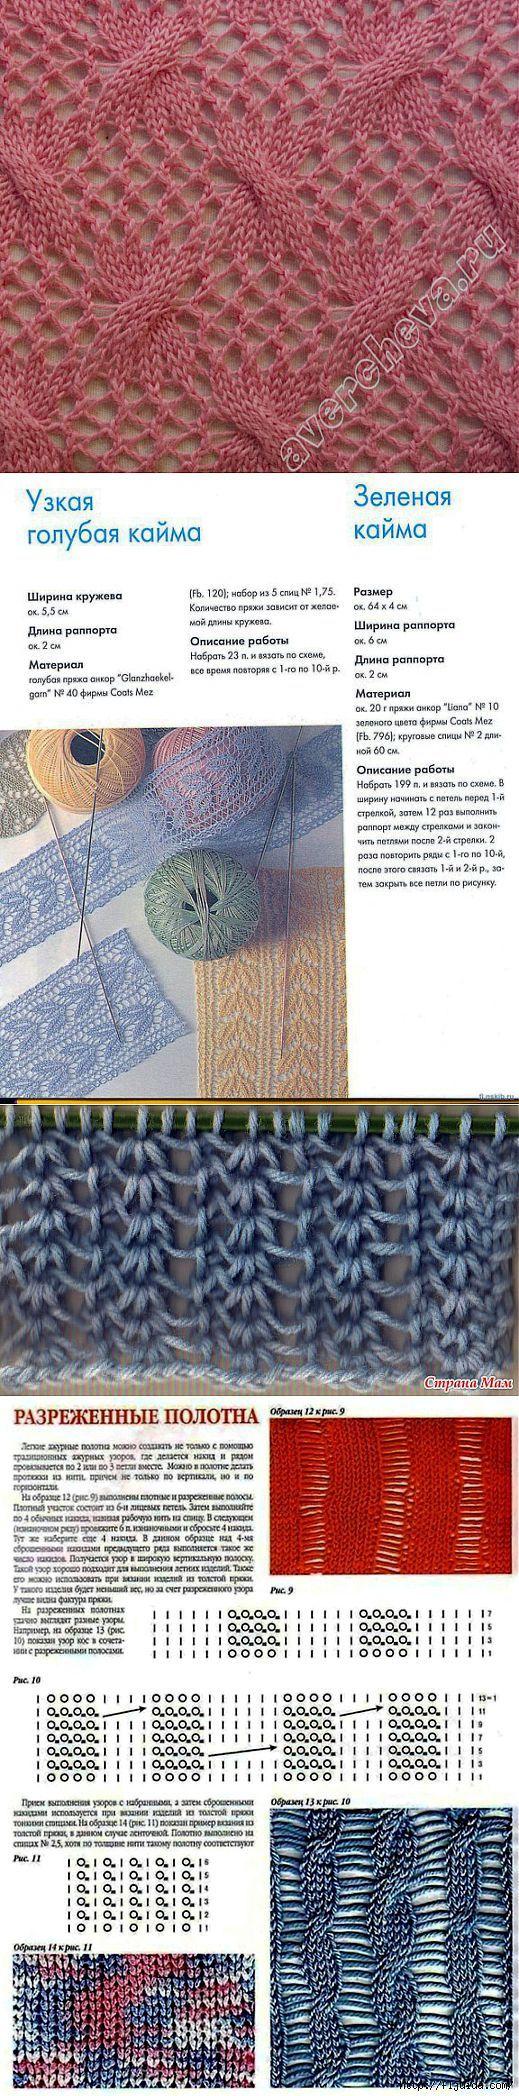 Узоры для вязания спицами ...♥ Deniz ♥.